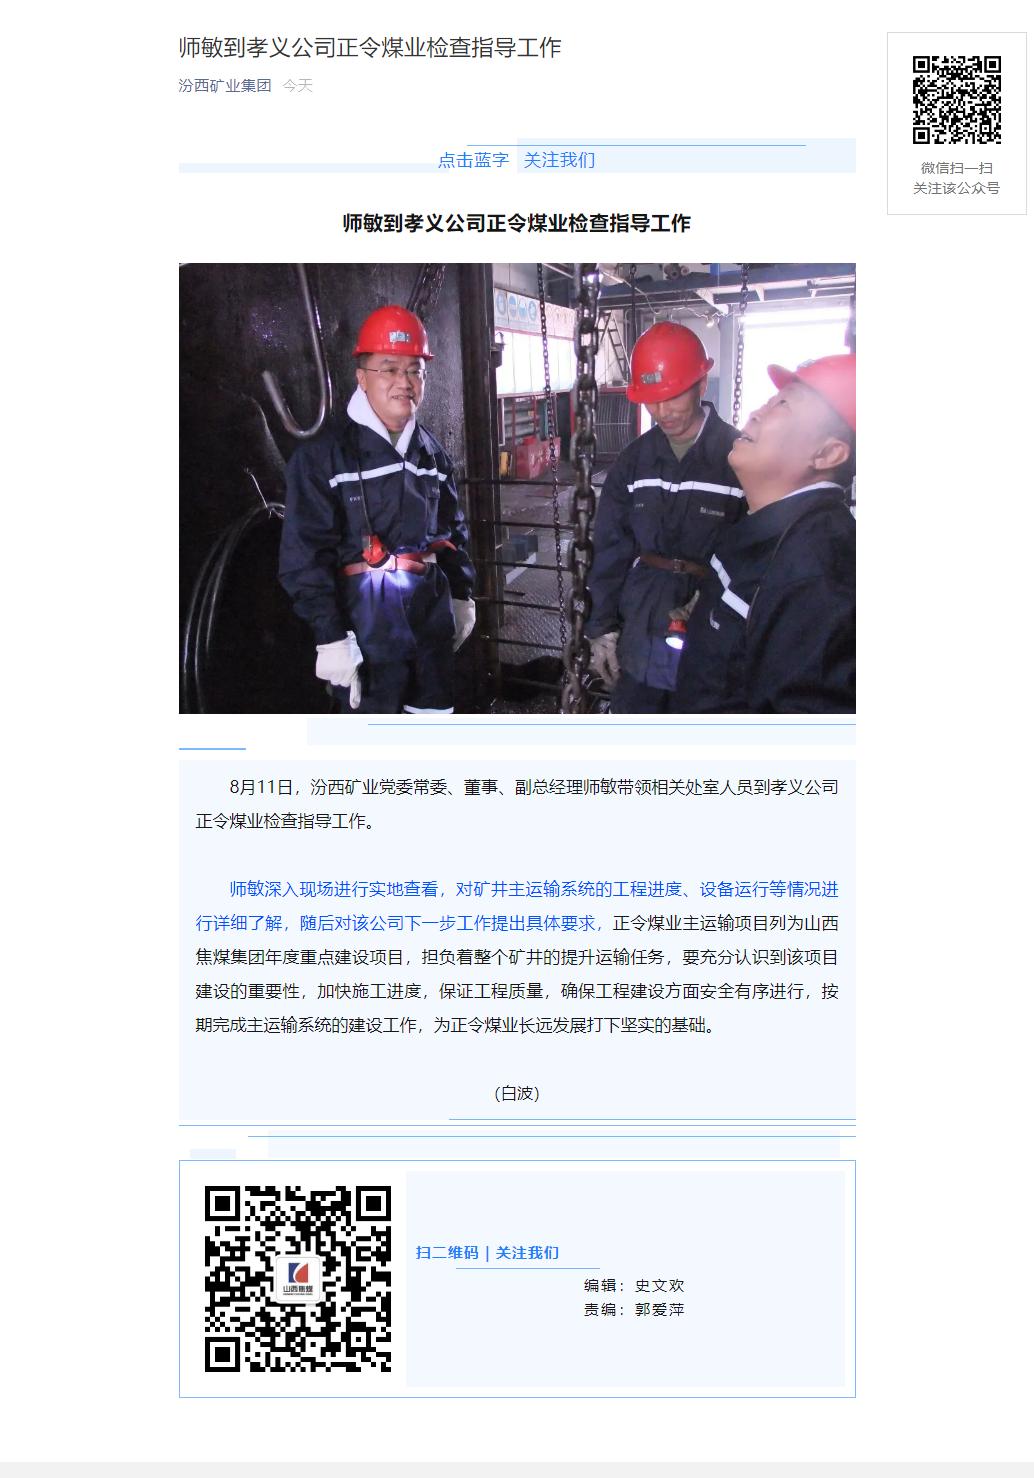 师敏到孝义公司正令煤业检查指导工作.png